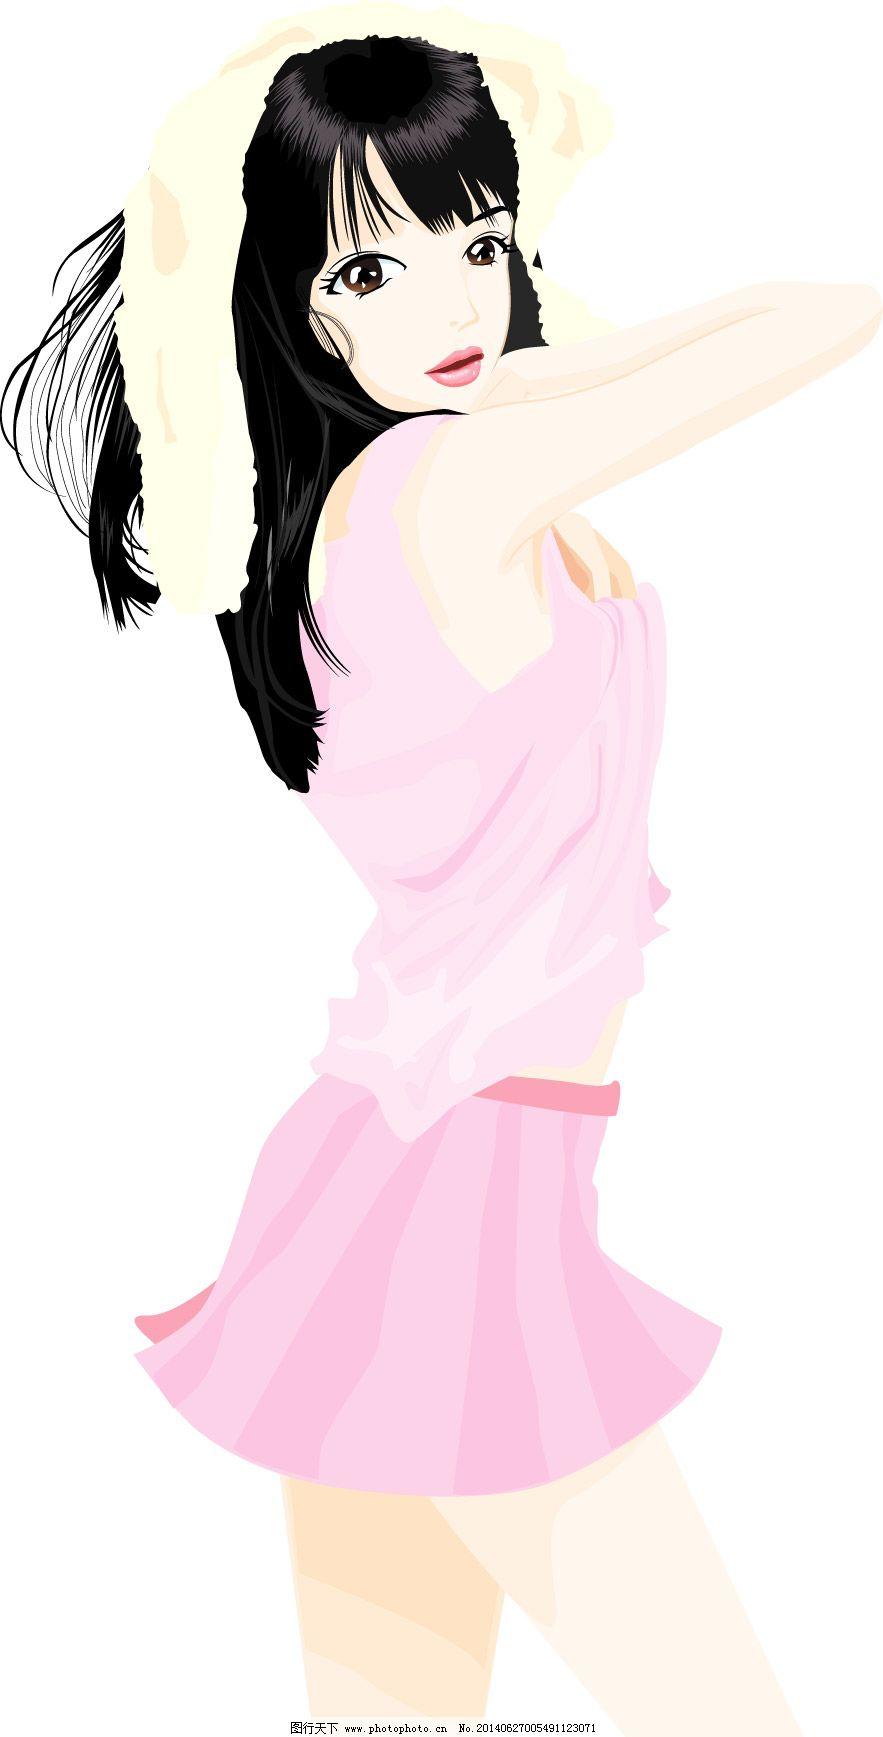 侧身连衣裙美女免费下载 长发 侧身 连衣 裙美女 长发 矢量图 矢量